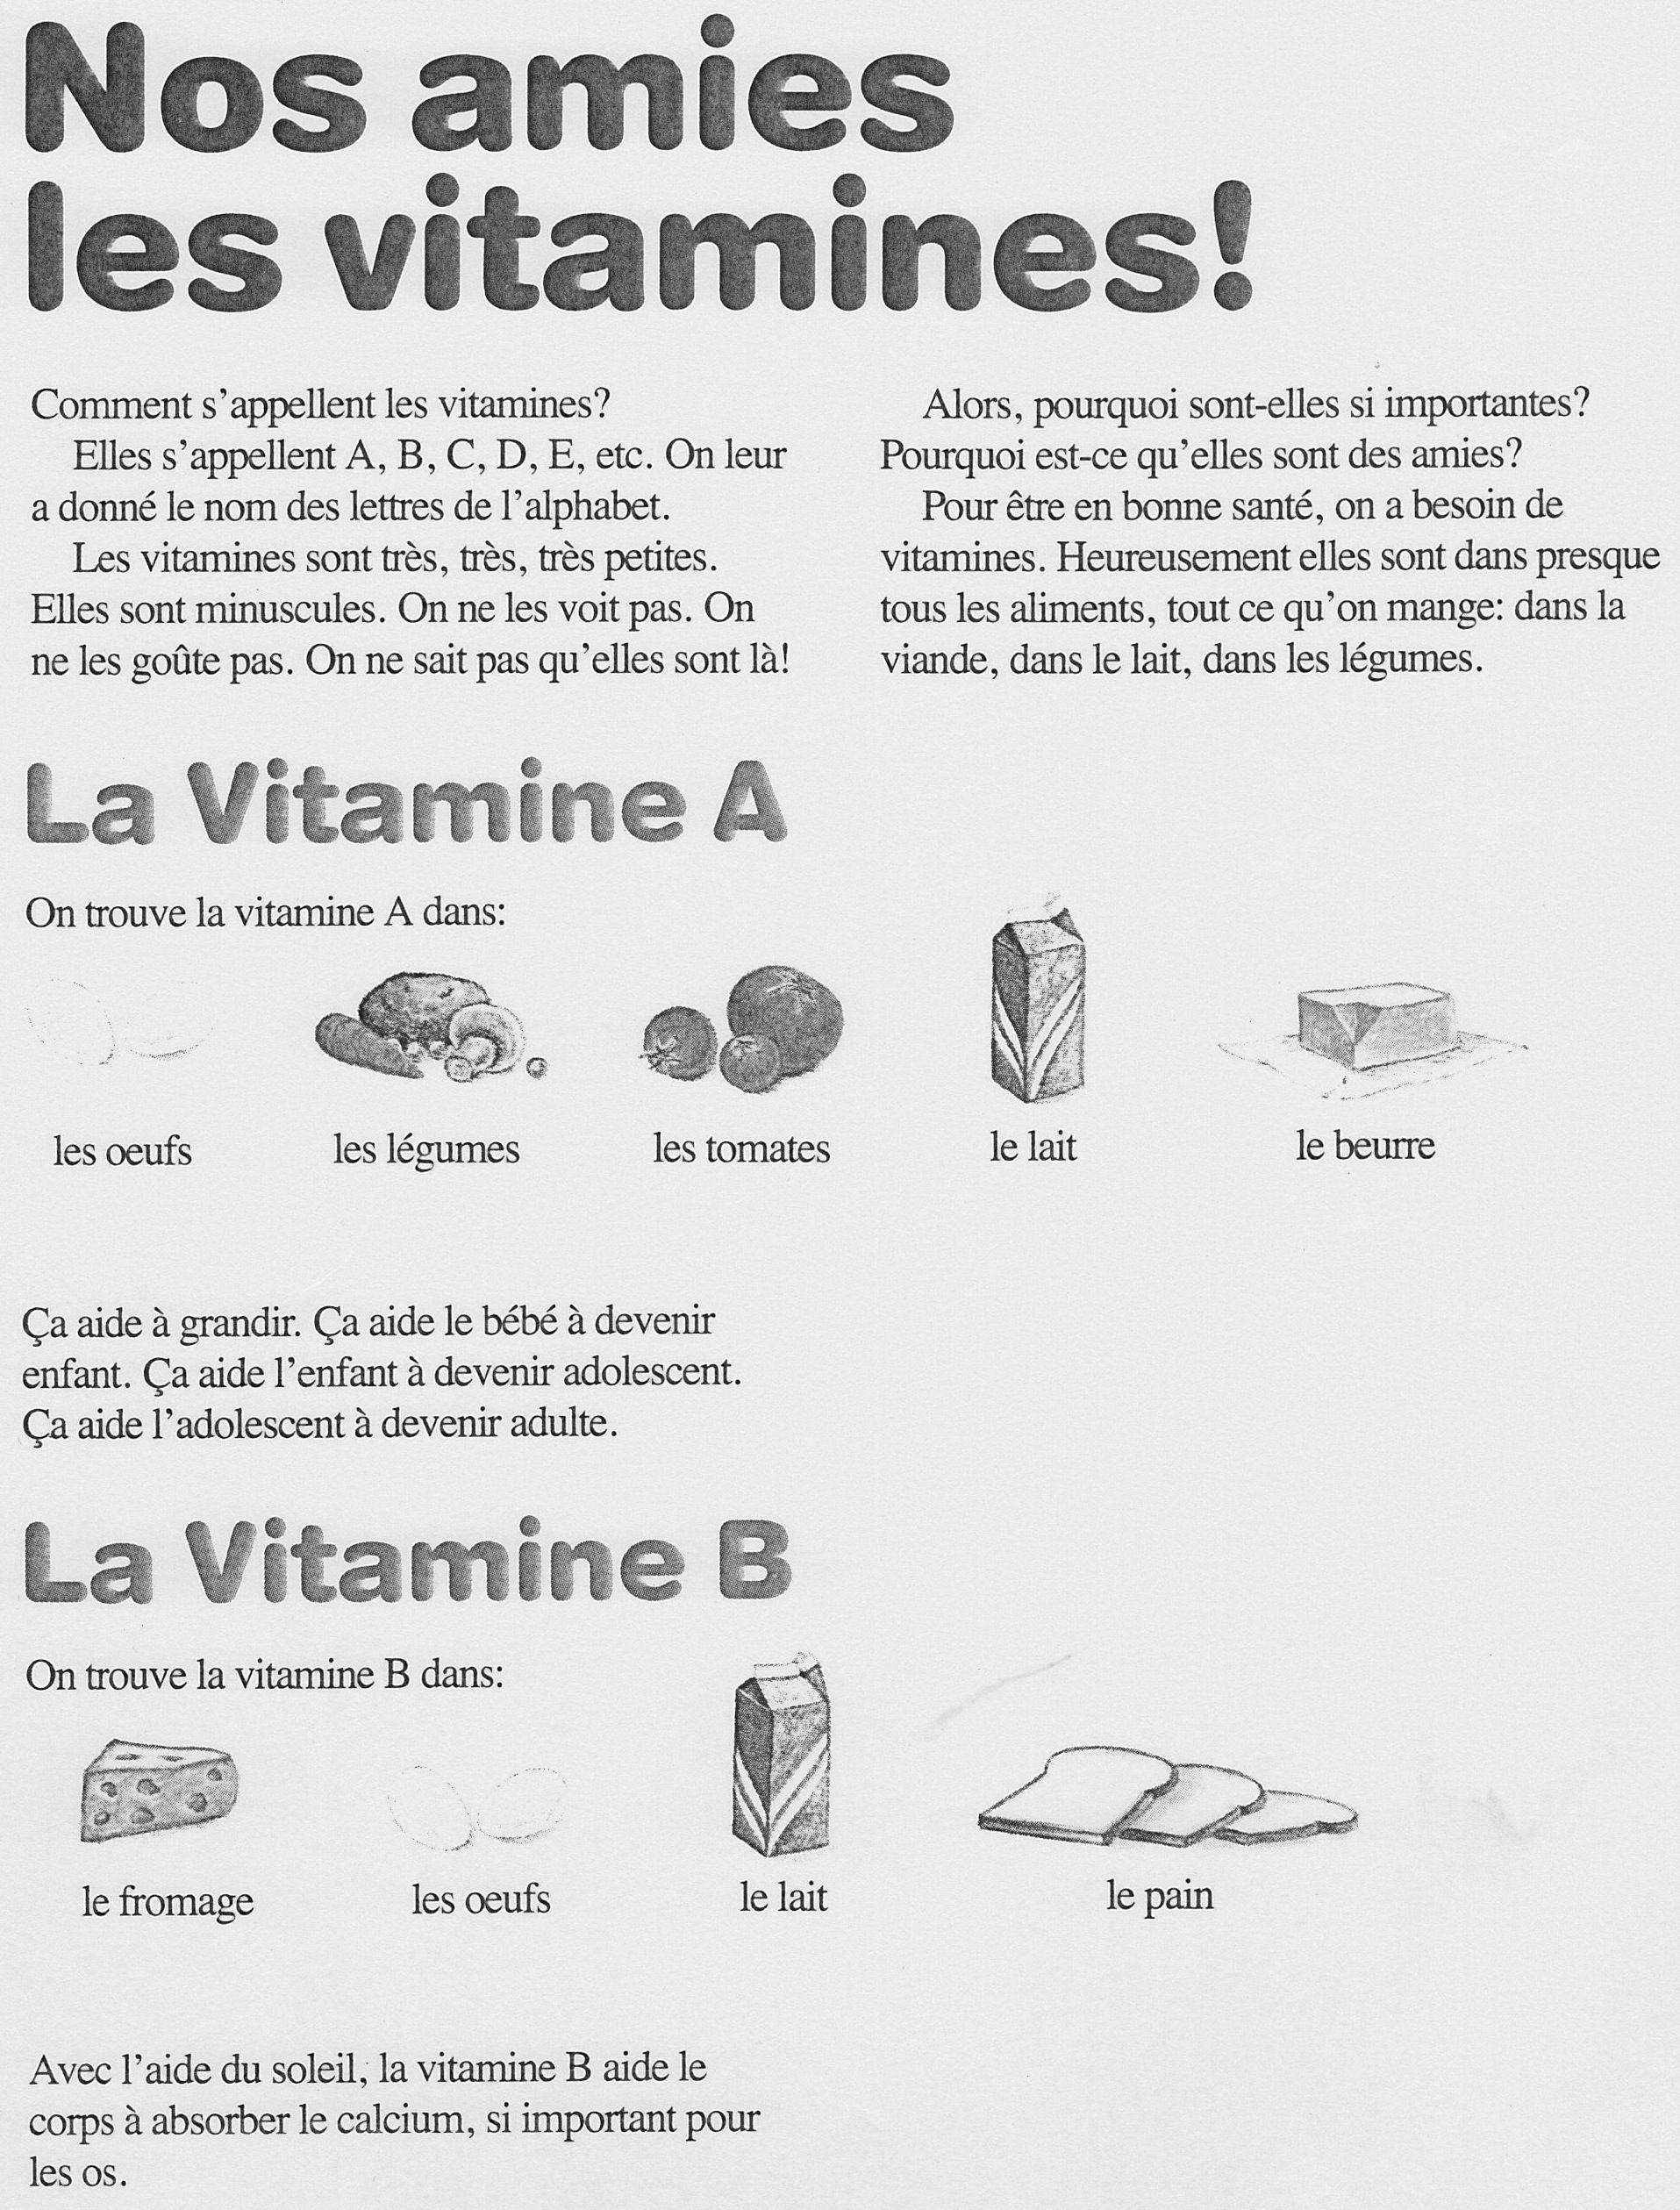 Vitamines 1 2